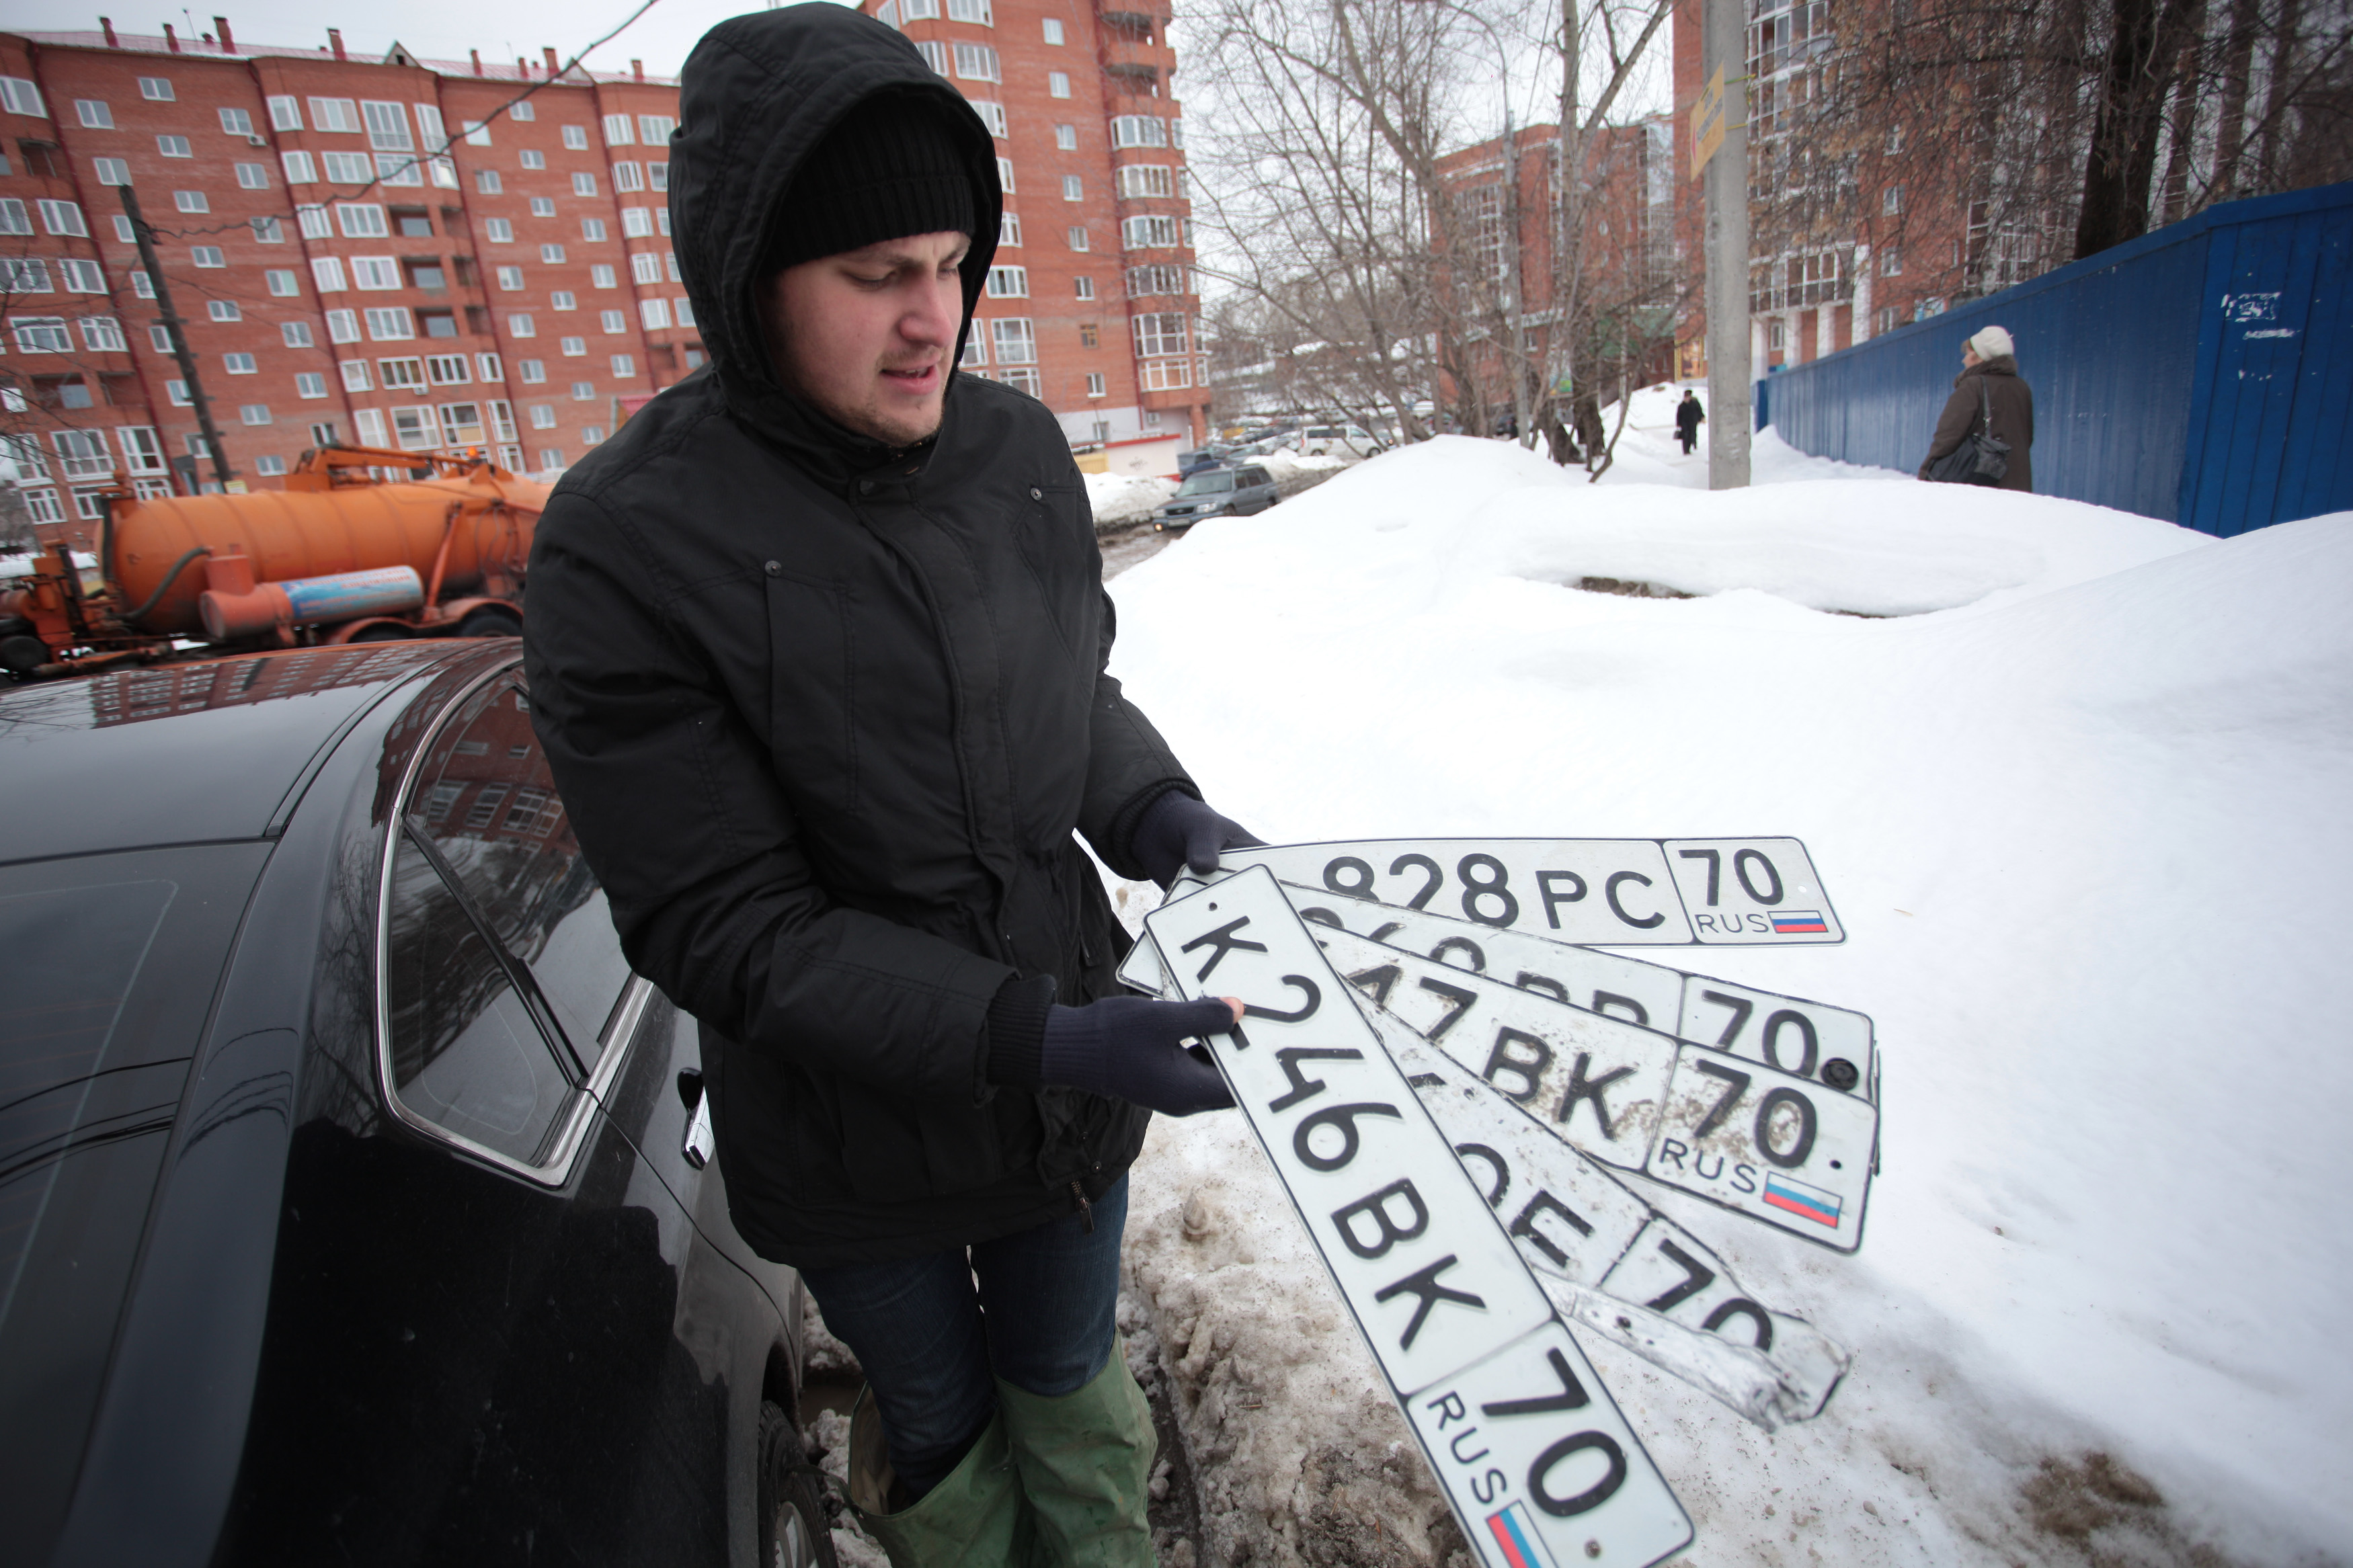 неправомерное завладение государственным регистрационным знаком транспортного средства